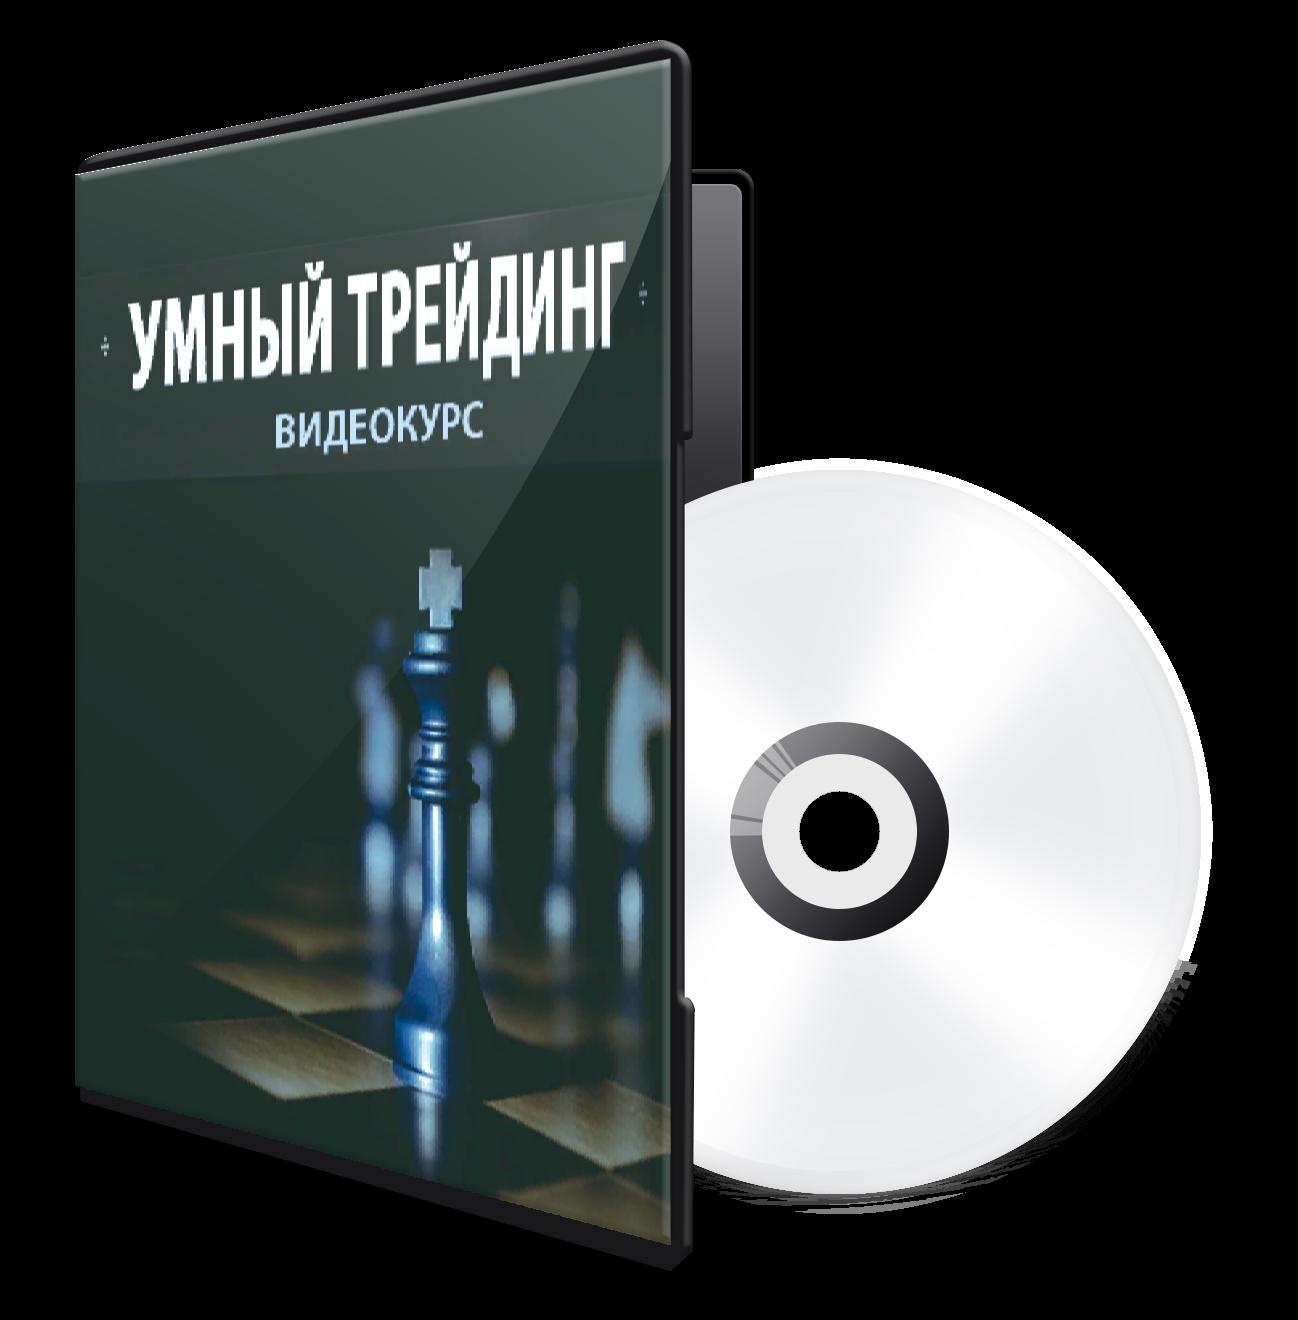 """Видеокурс """"Умный трейдинг 2.0"""""""